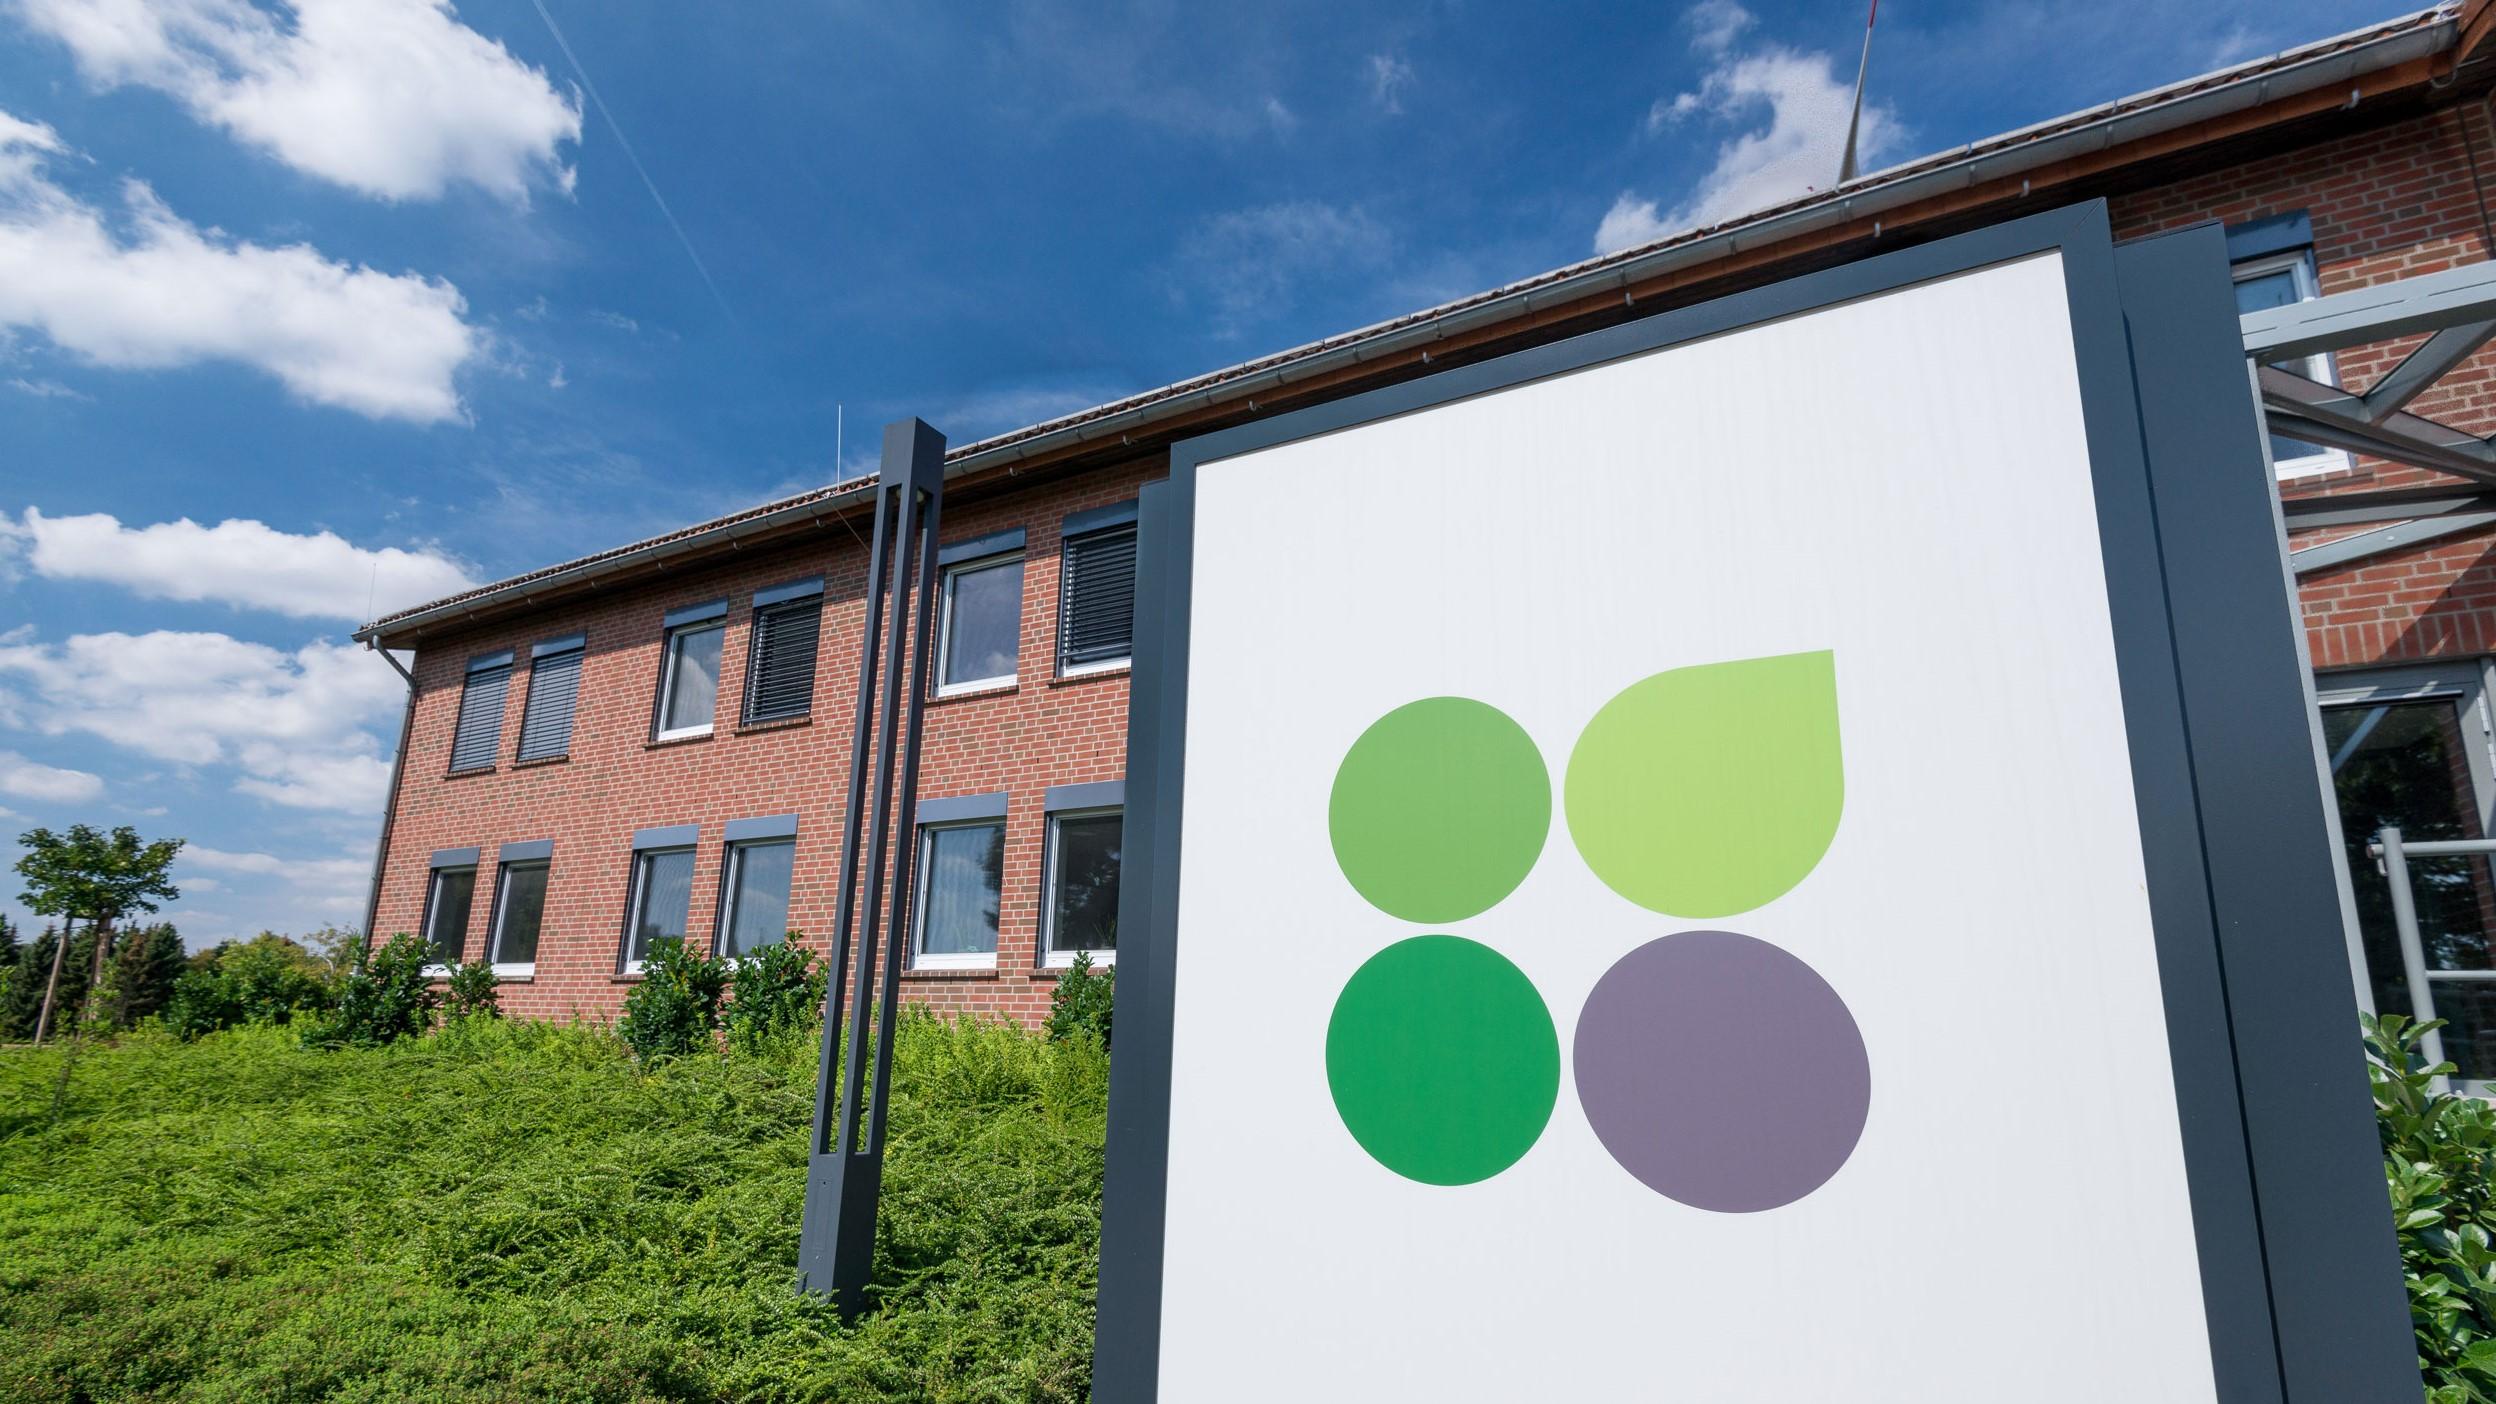 EGST Verwaltung - Entsorgungsgesellschaft Steinfurt mbH